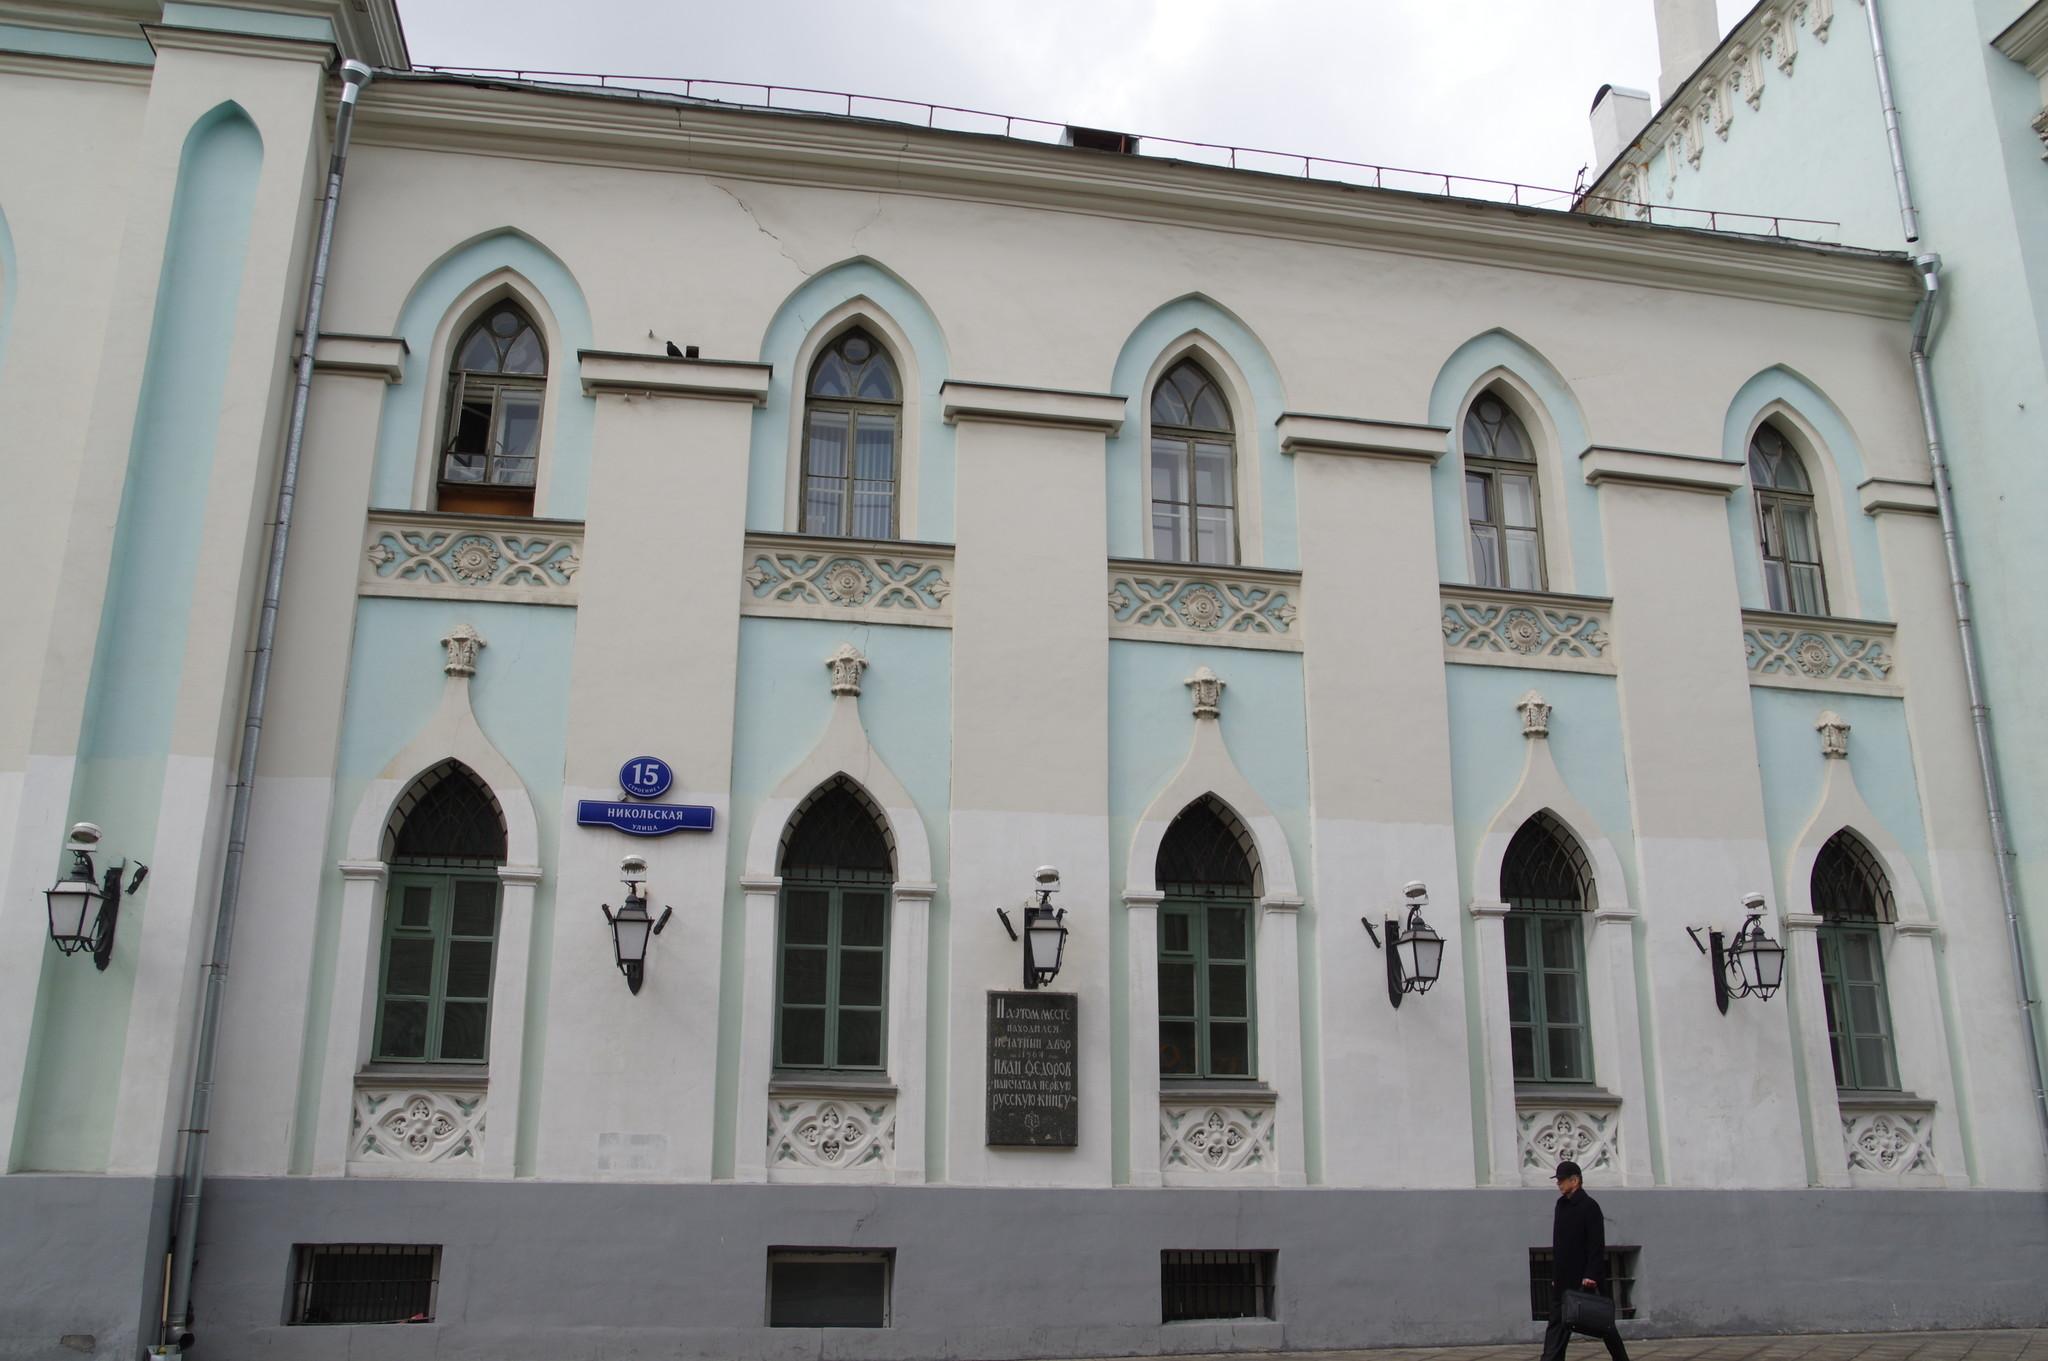 На этом месте находился Печатный двор (Никольская улица, дом 15, музейно-образовательный комплекс ИАИ РГГУ)